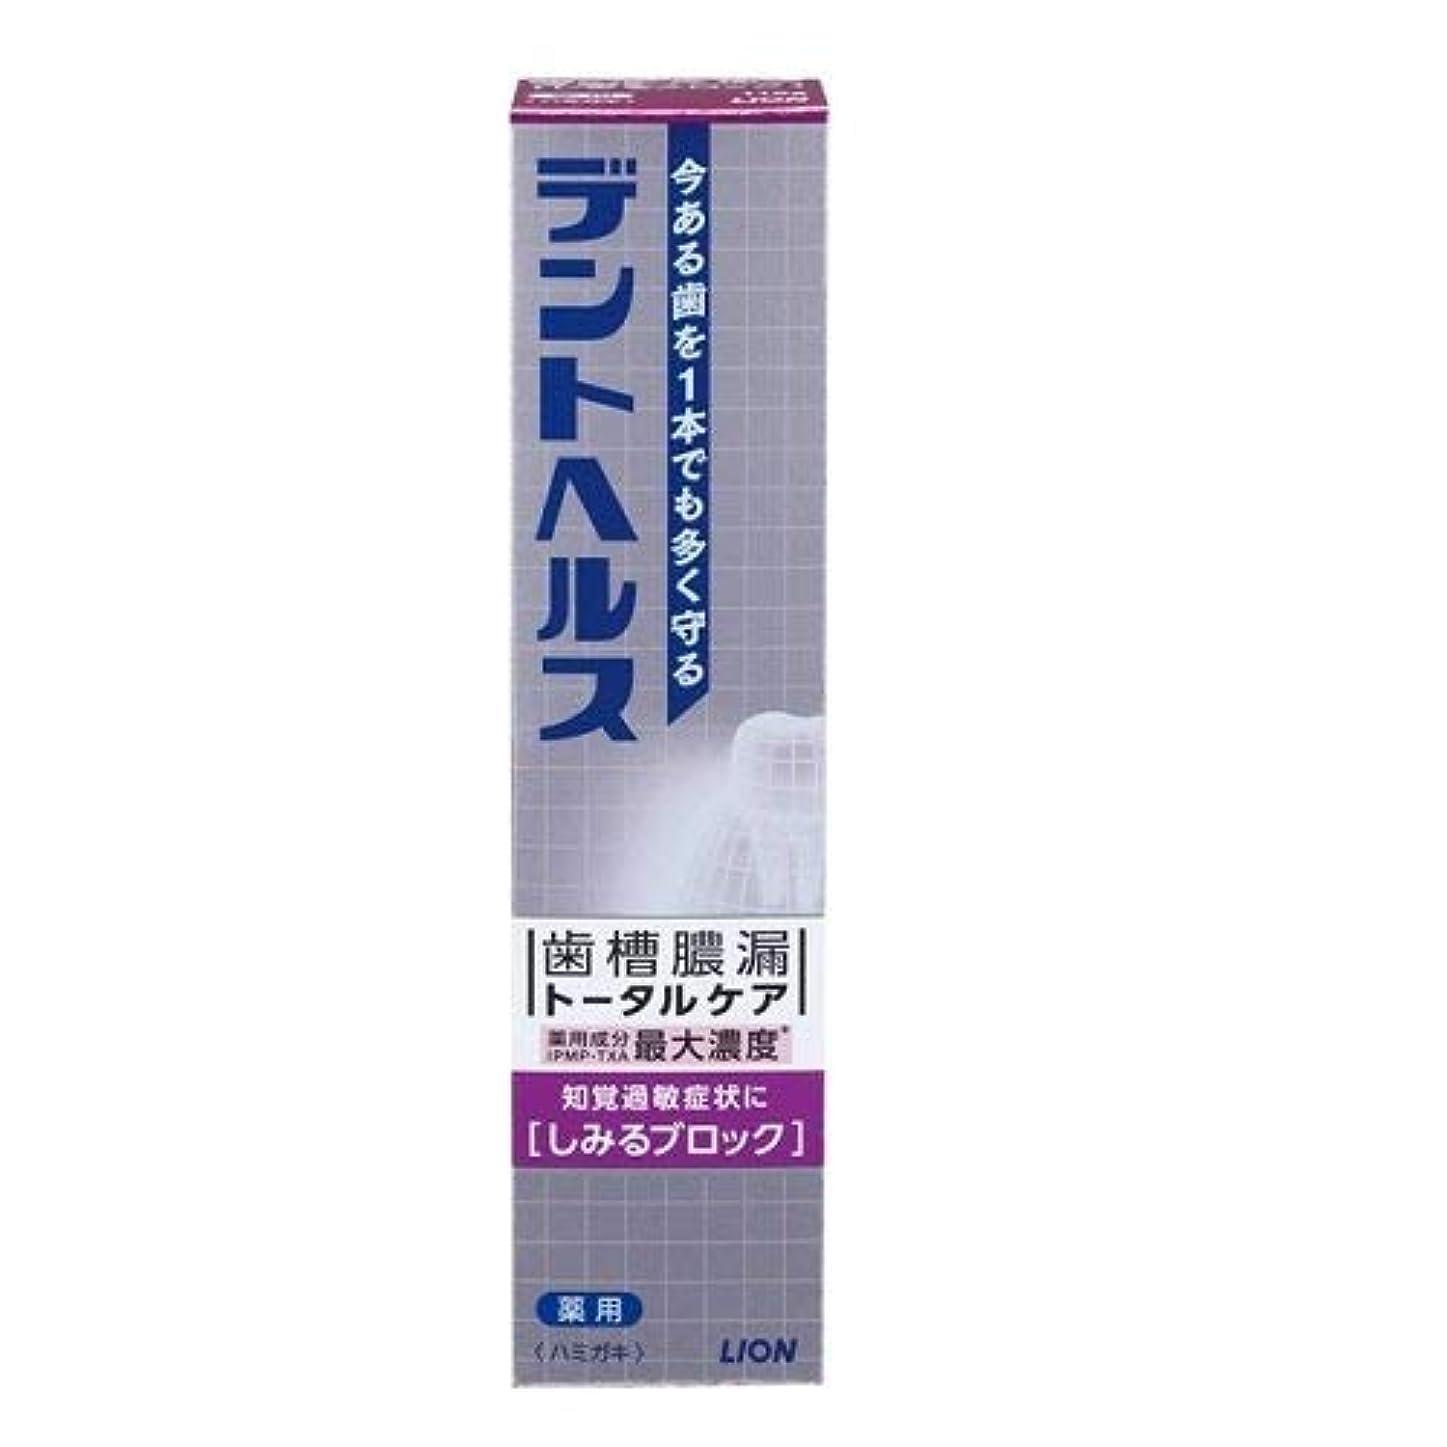 ライオン デントヘルス薬用ハミガキしみるブロック 115g (医薬部外品)× 4